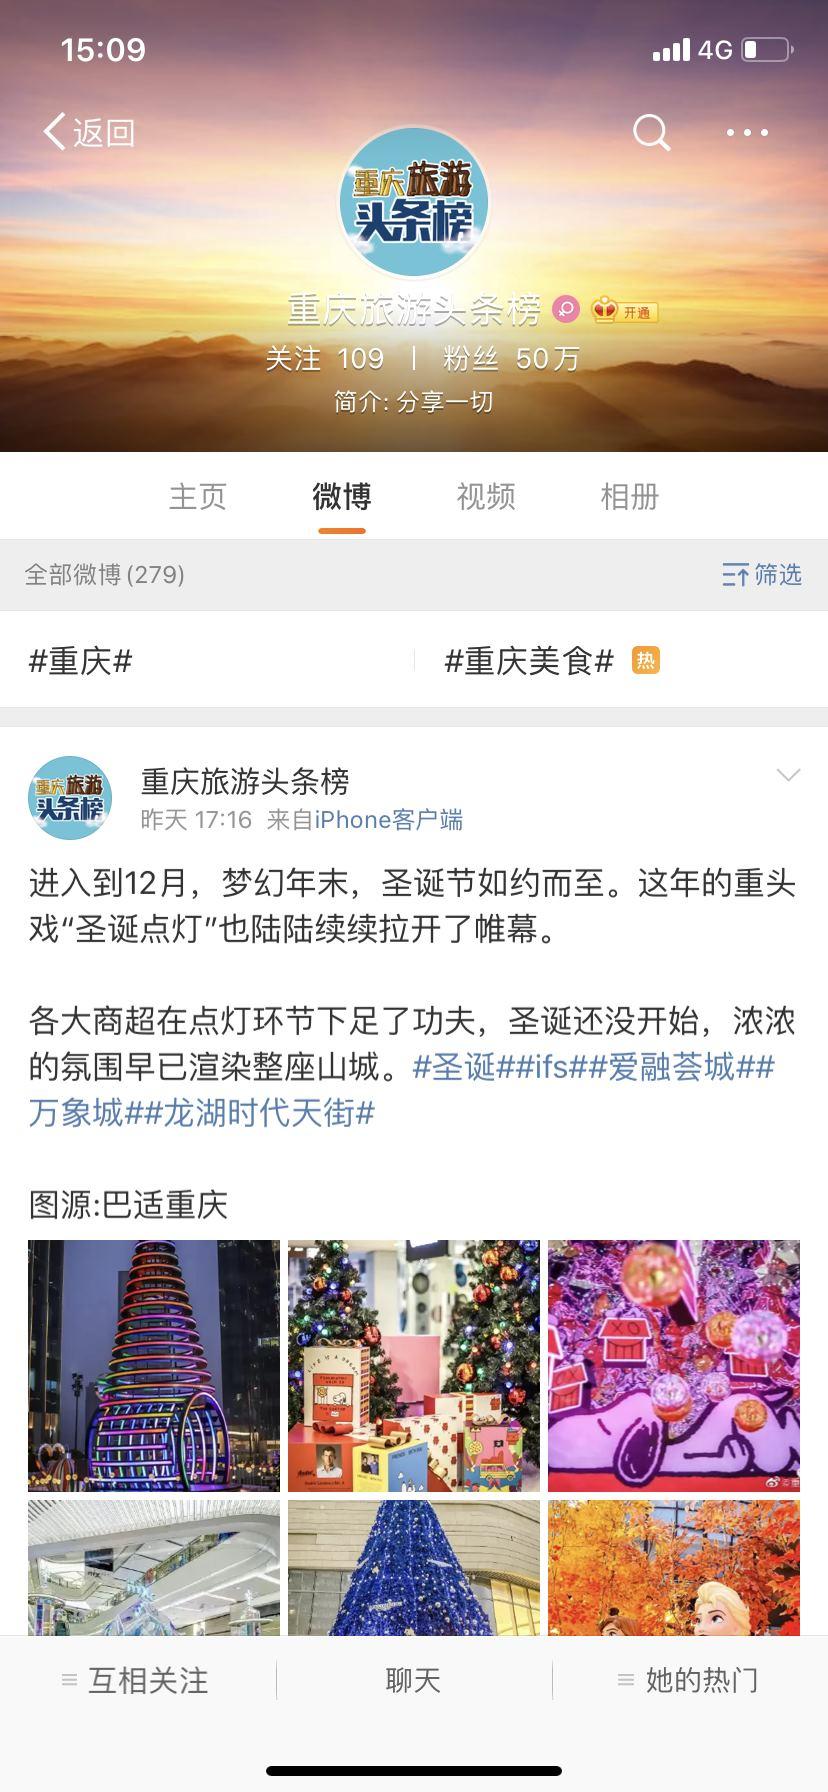 重庆旅游头条榜